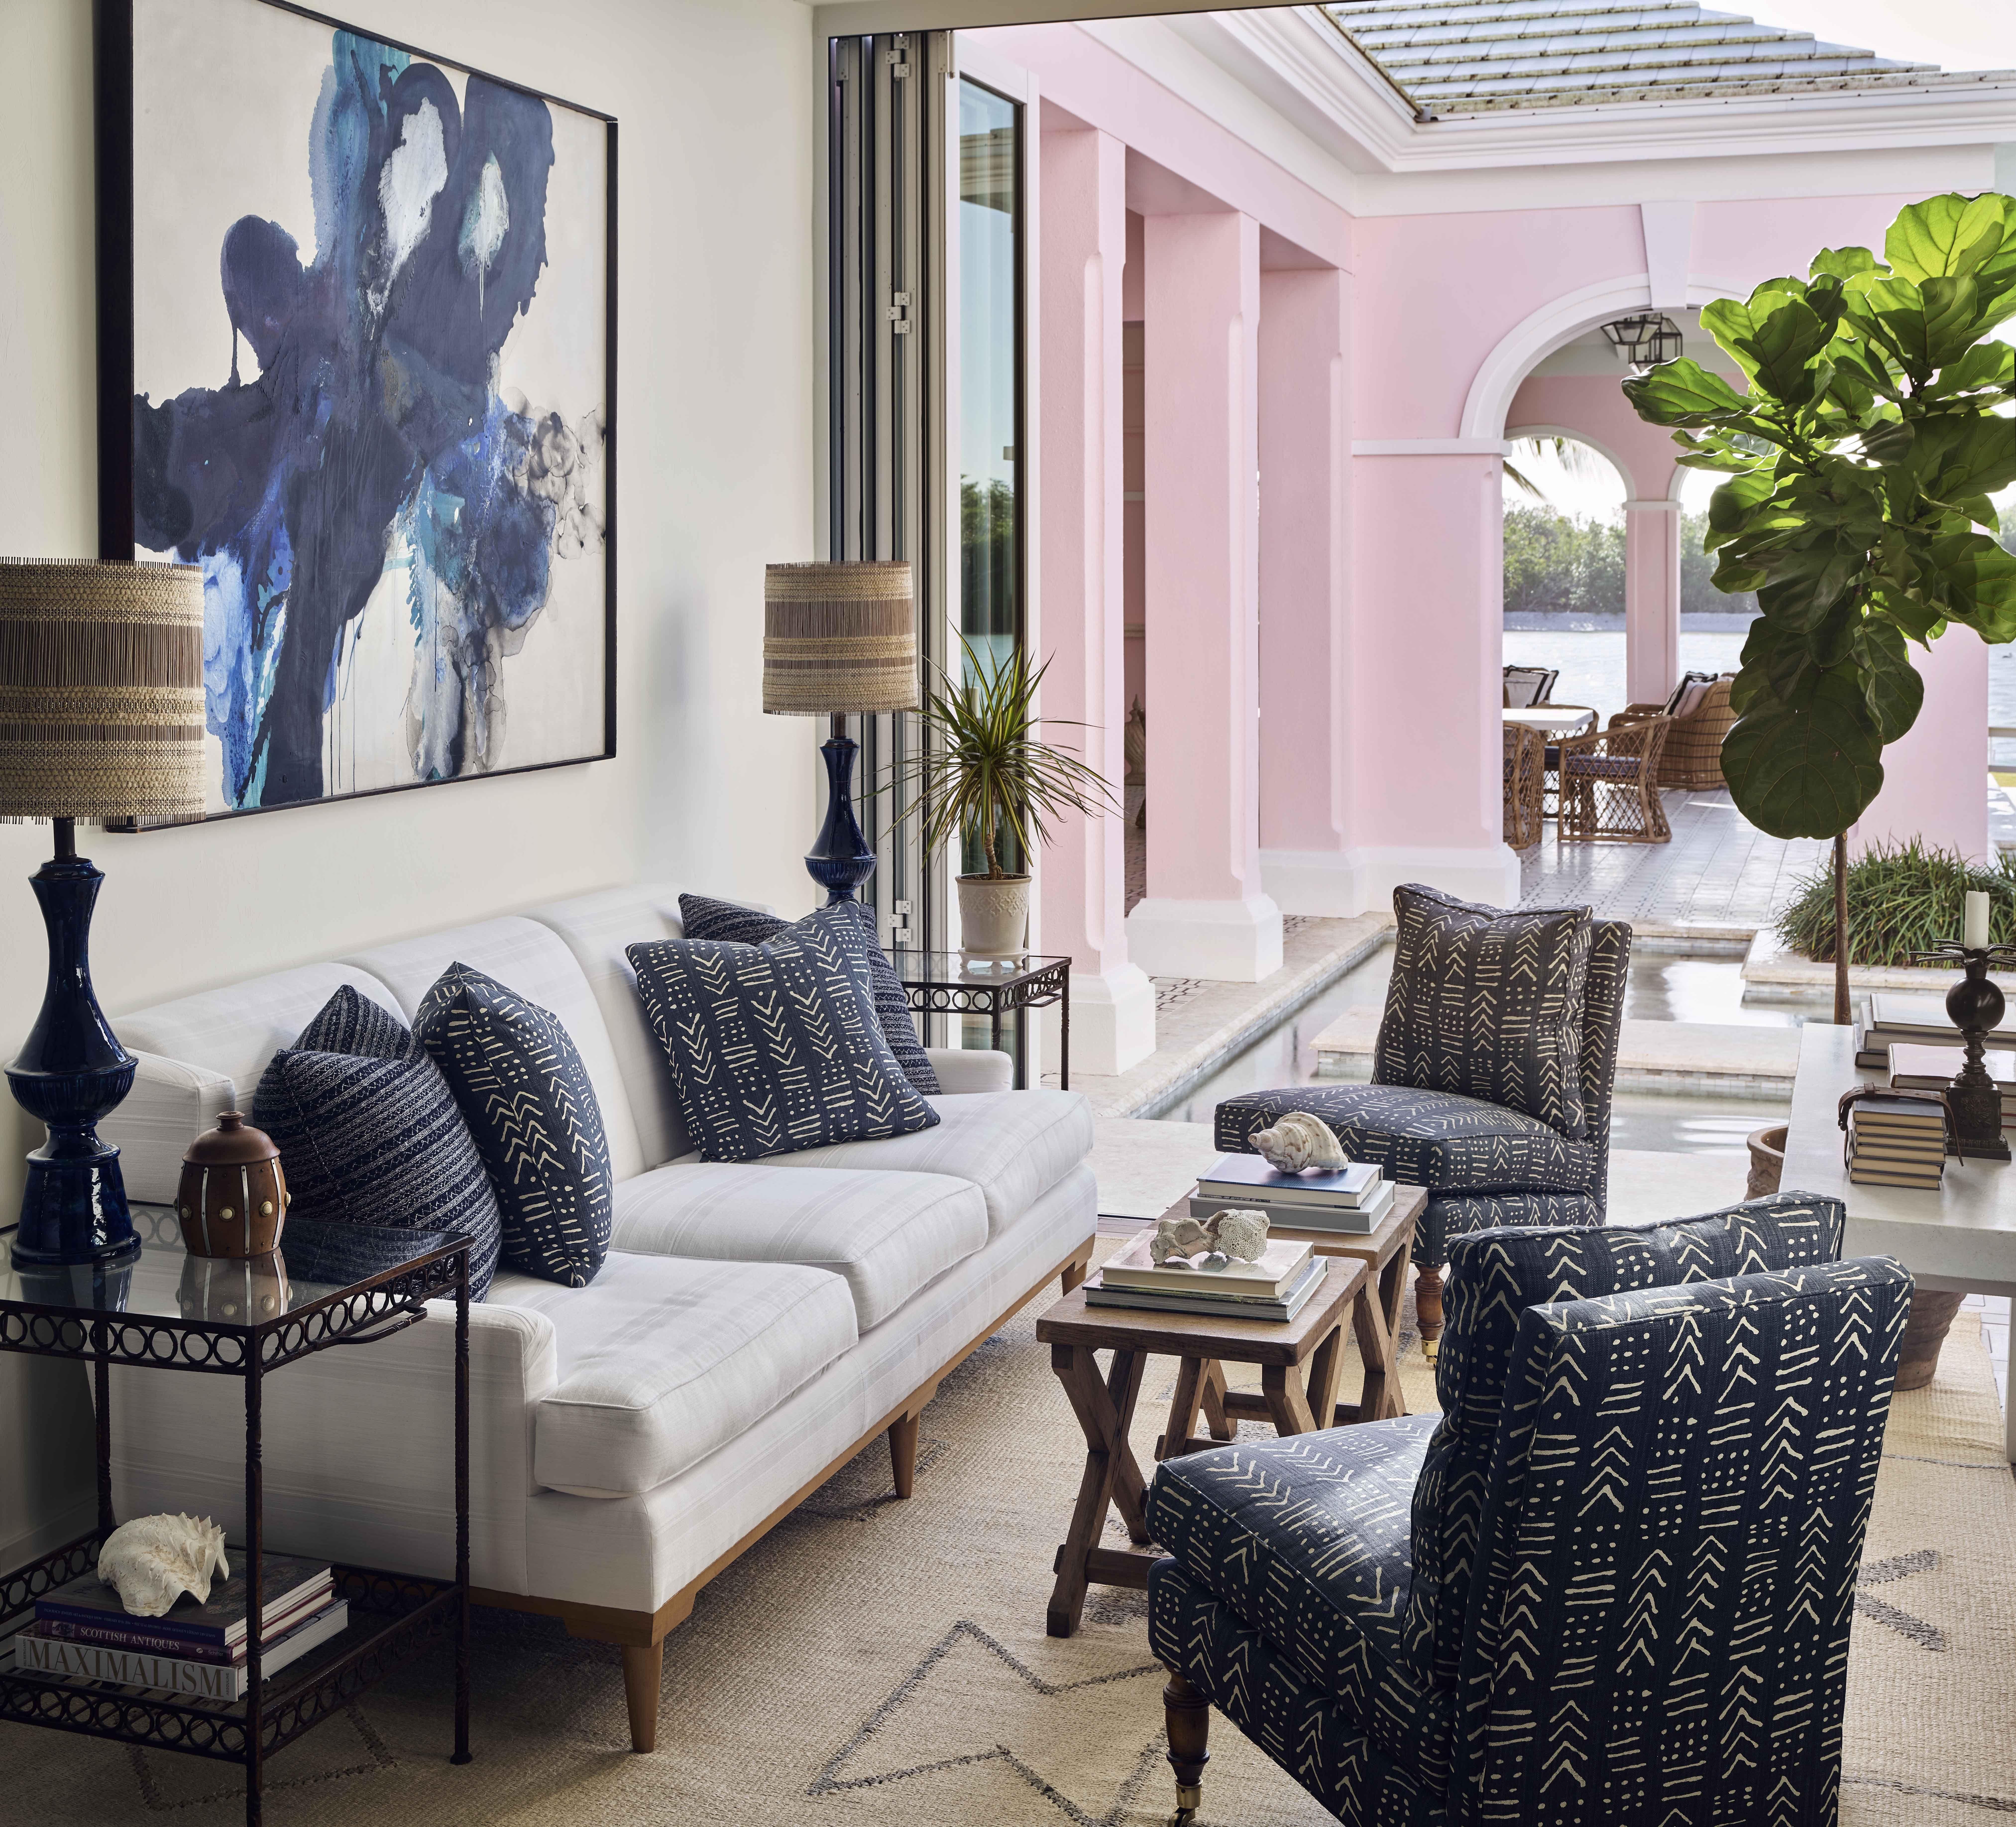 26 Best Living Room Ideas - Luxury Living Room Decor & Furniture Ideas